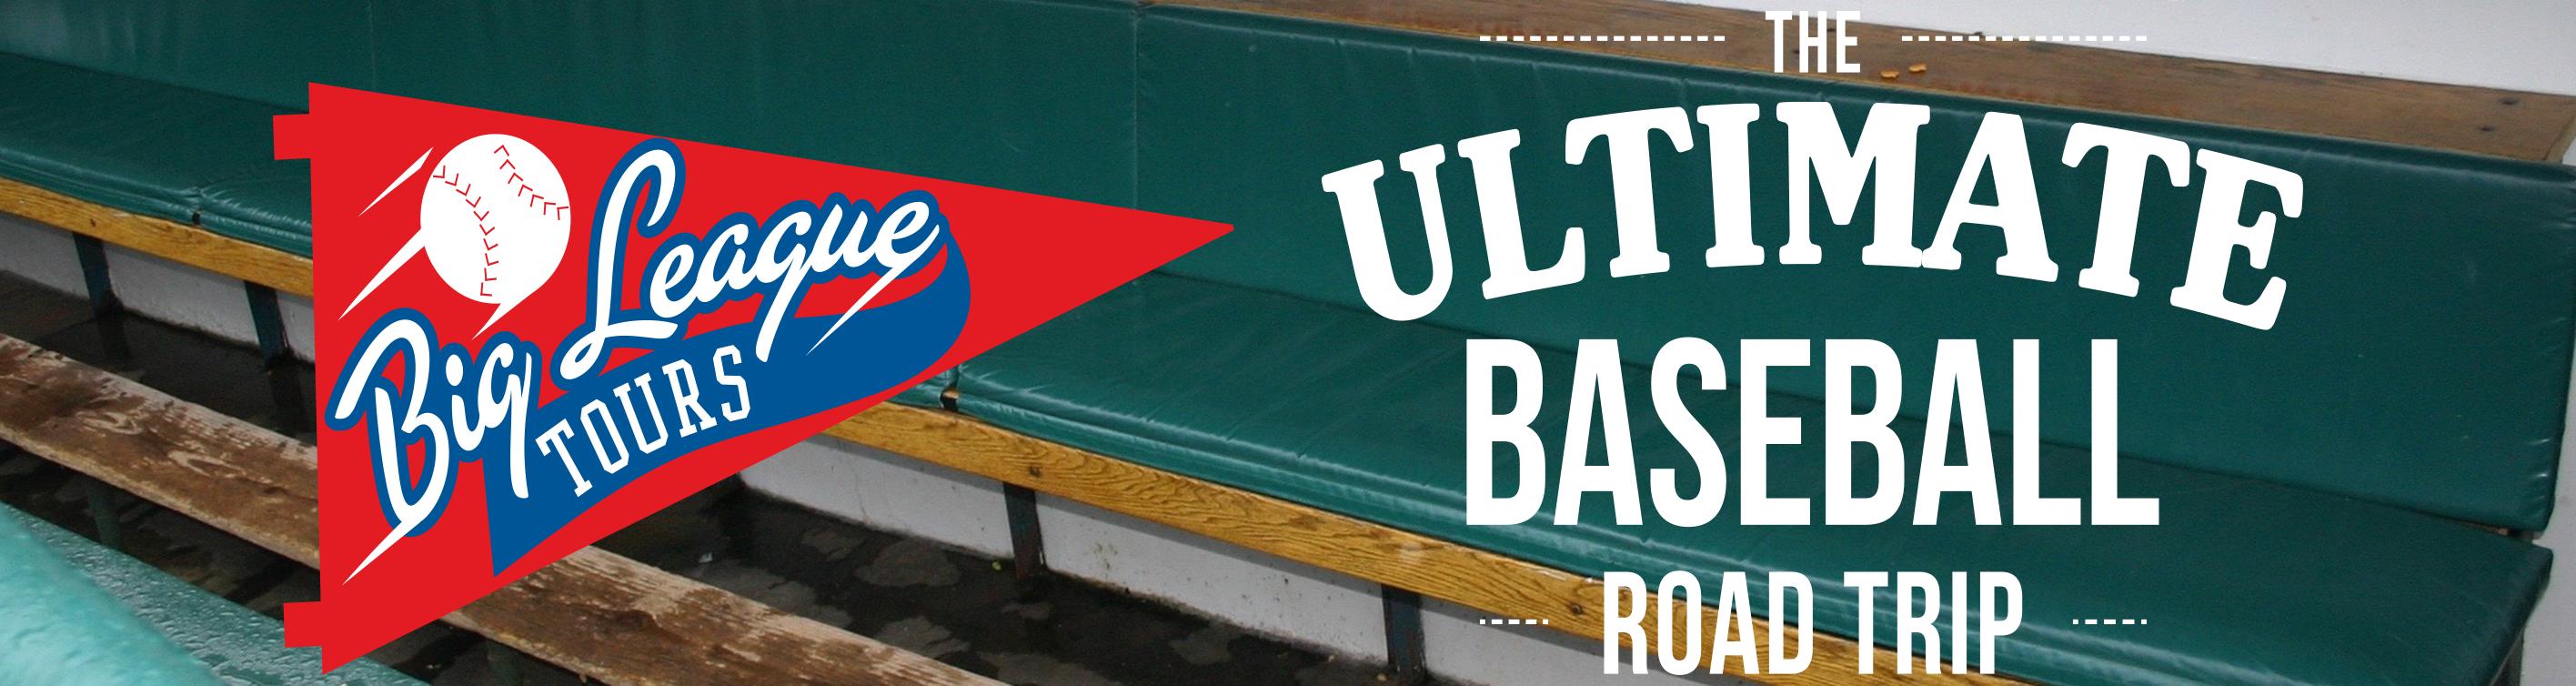 Ultimate_Baseball_Road_Trip.png